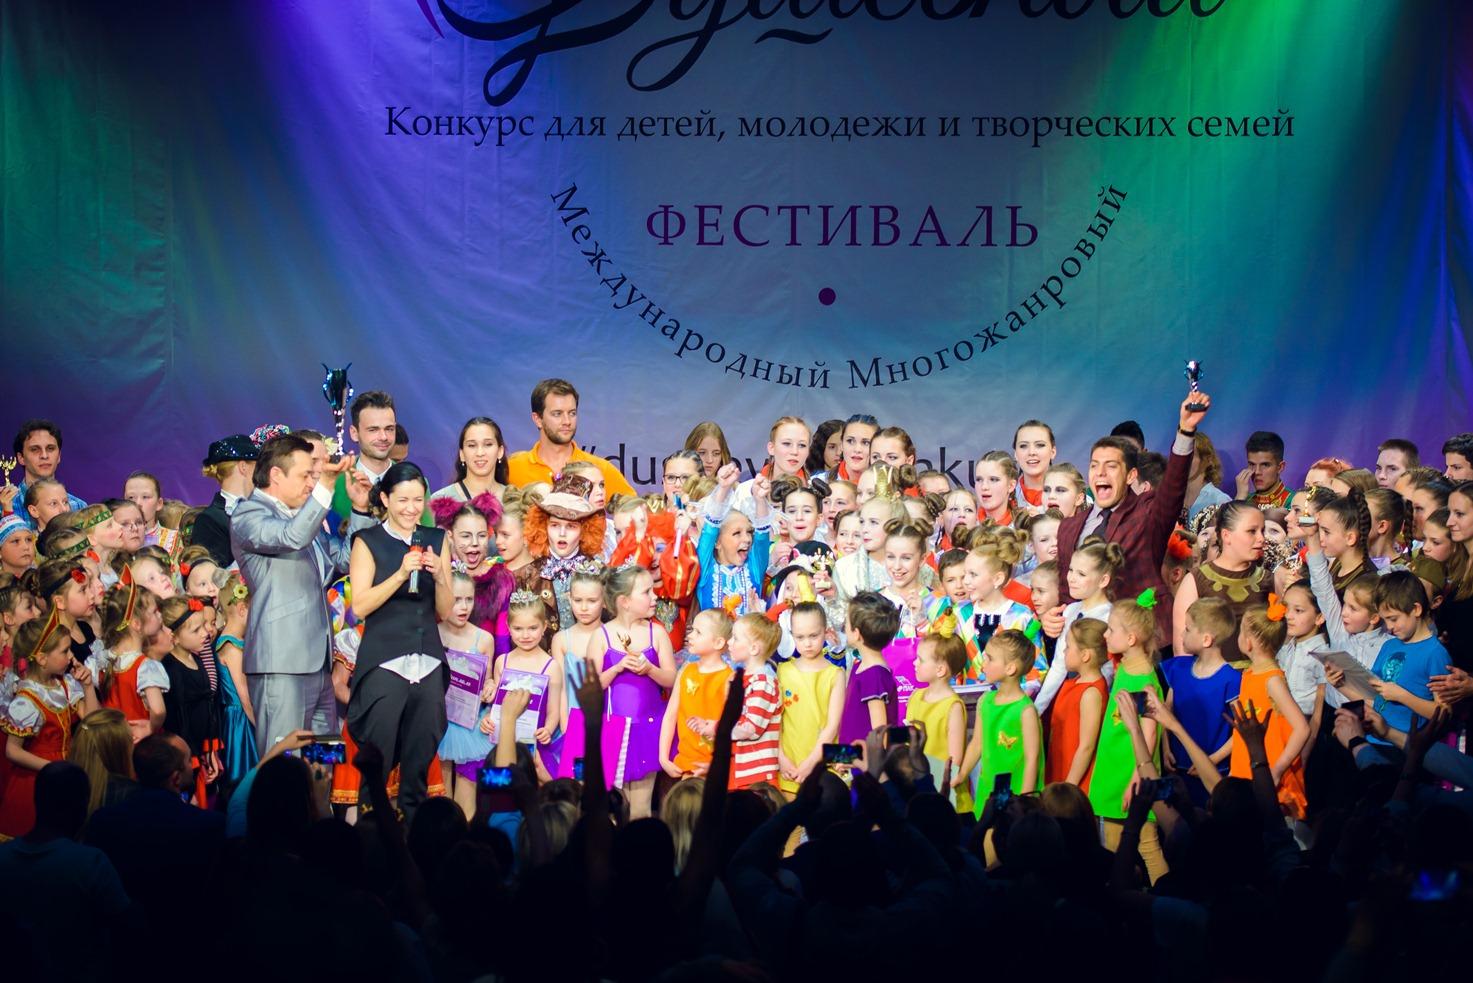 Адреса фестивалей и конкурсов